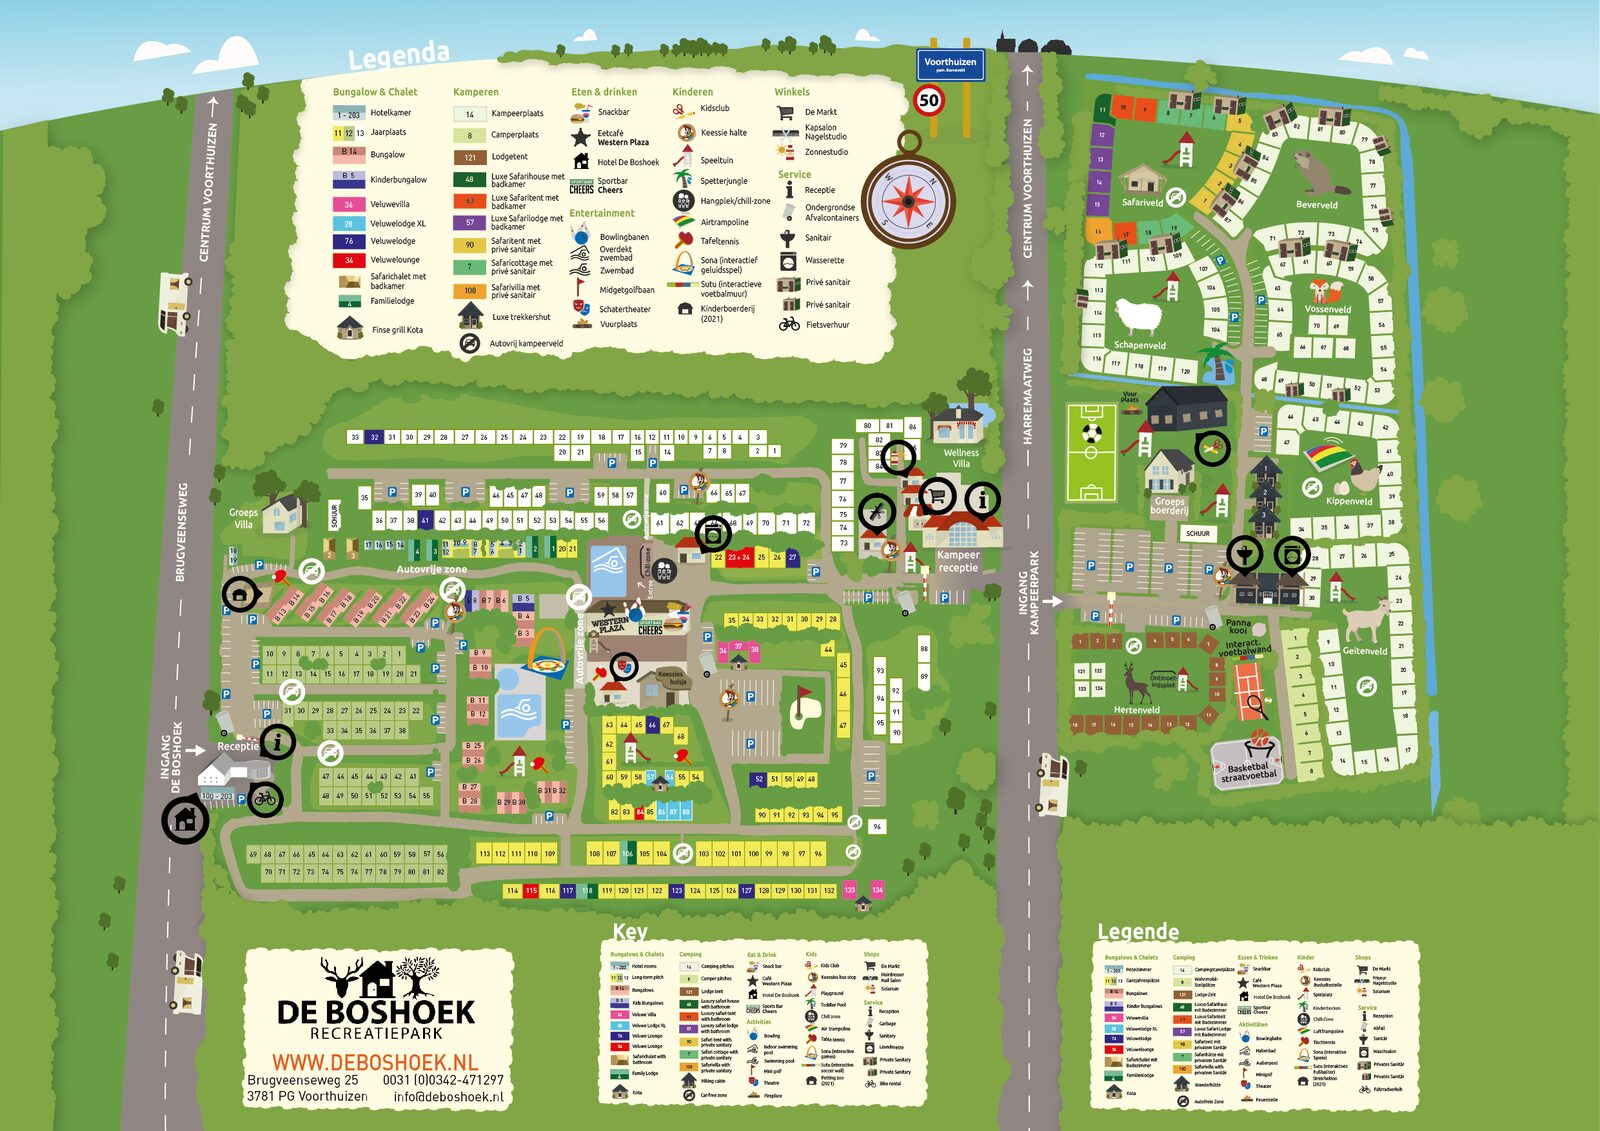 Plattegrond van Recreatiepark De Boshoek op de Veluwe in Voorthuizen